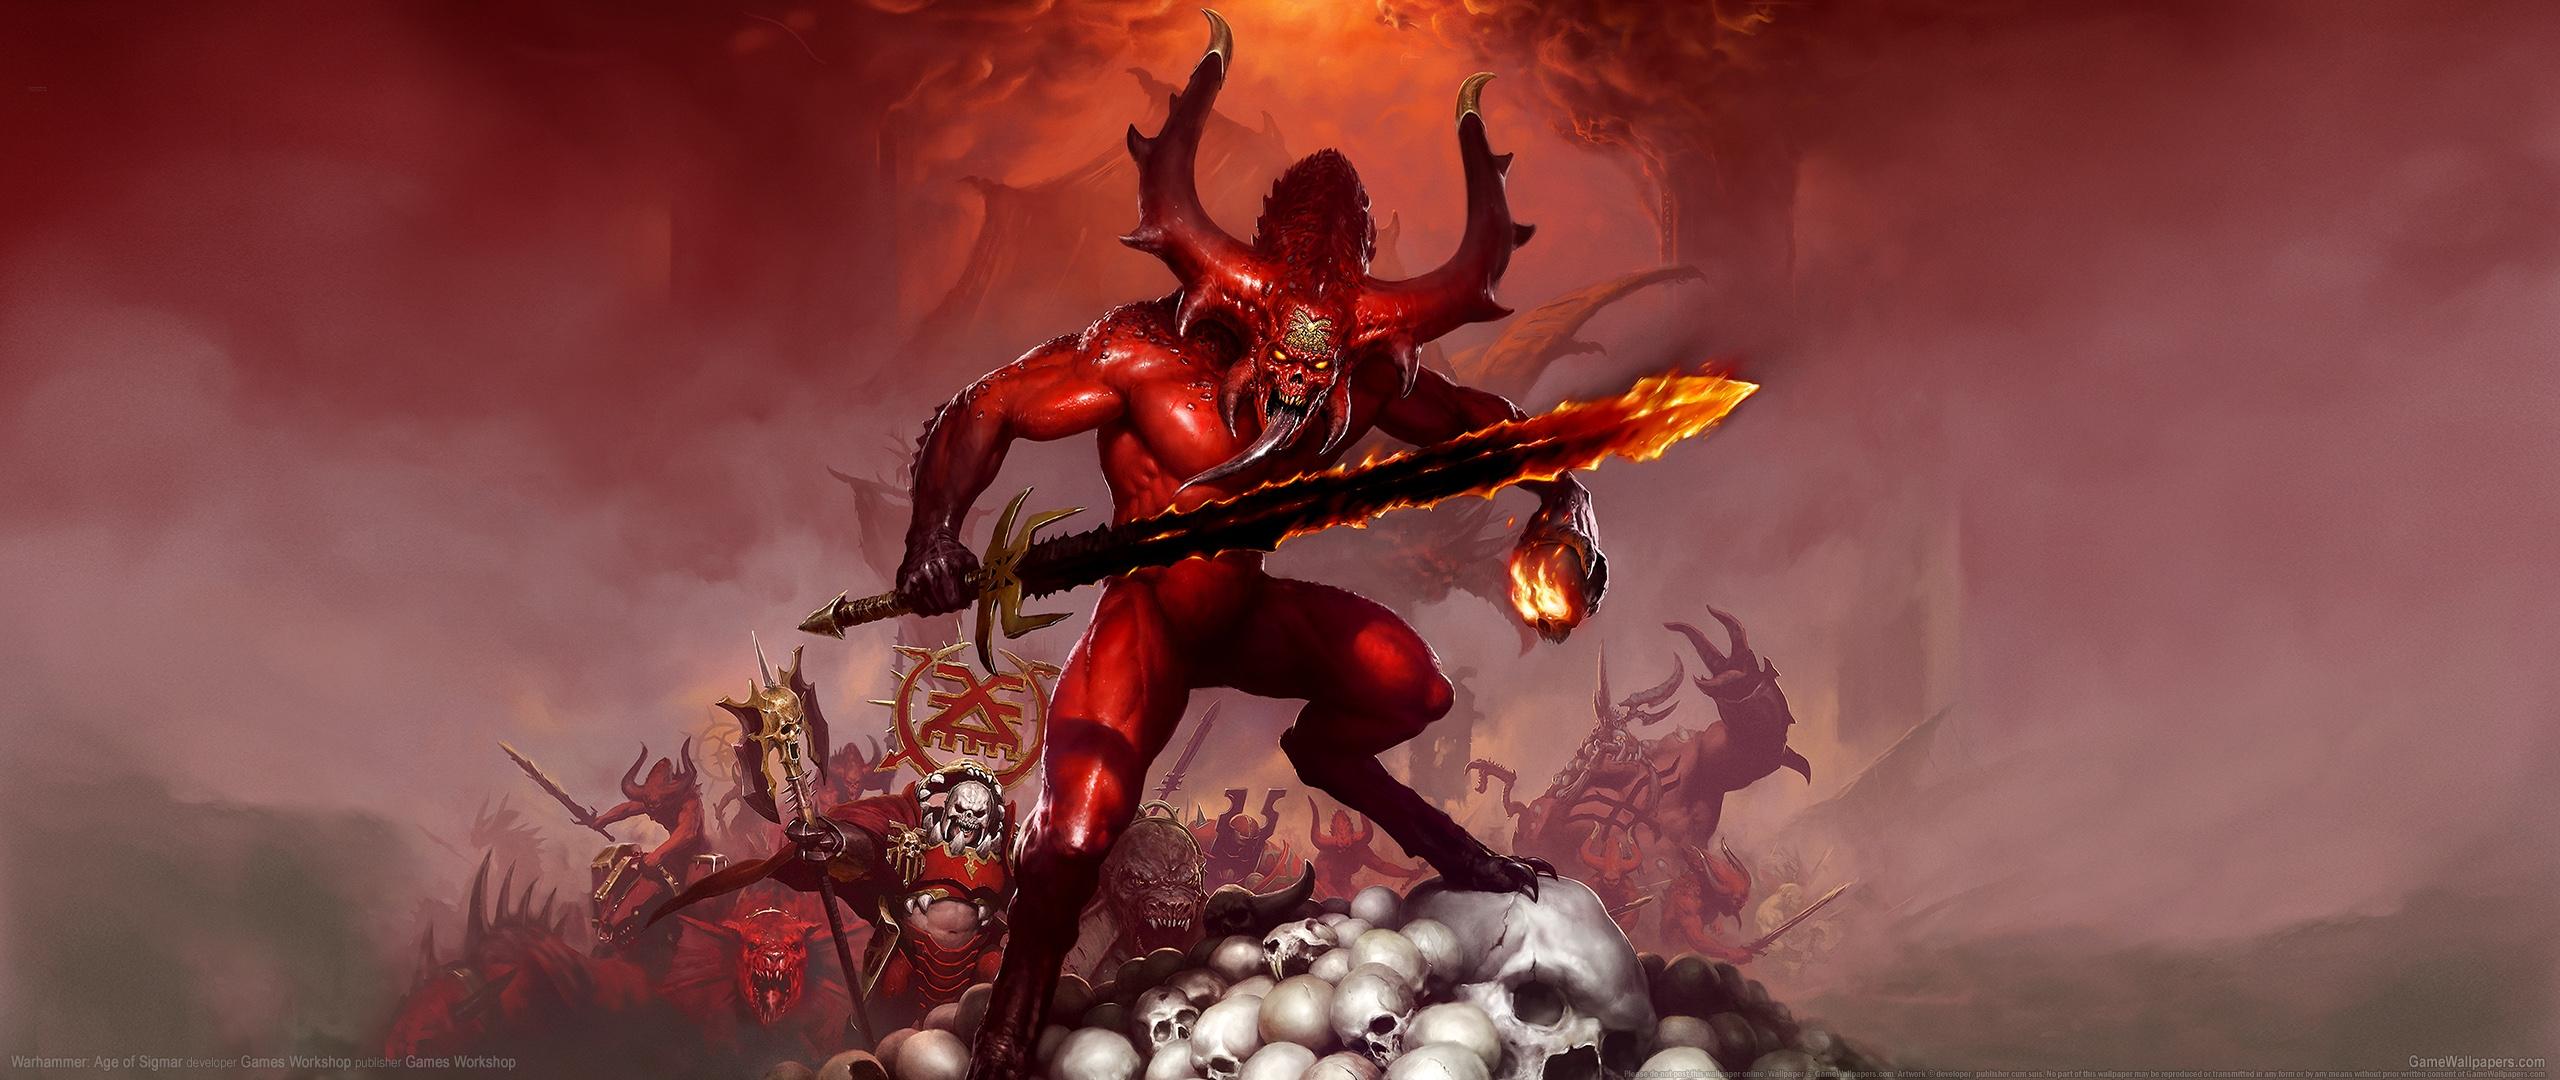 Warhammer: Age of Sigmar 2560x1080 Hintergrundbild 02